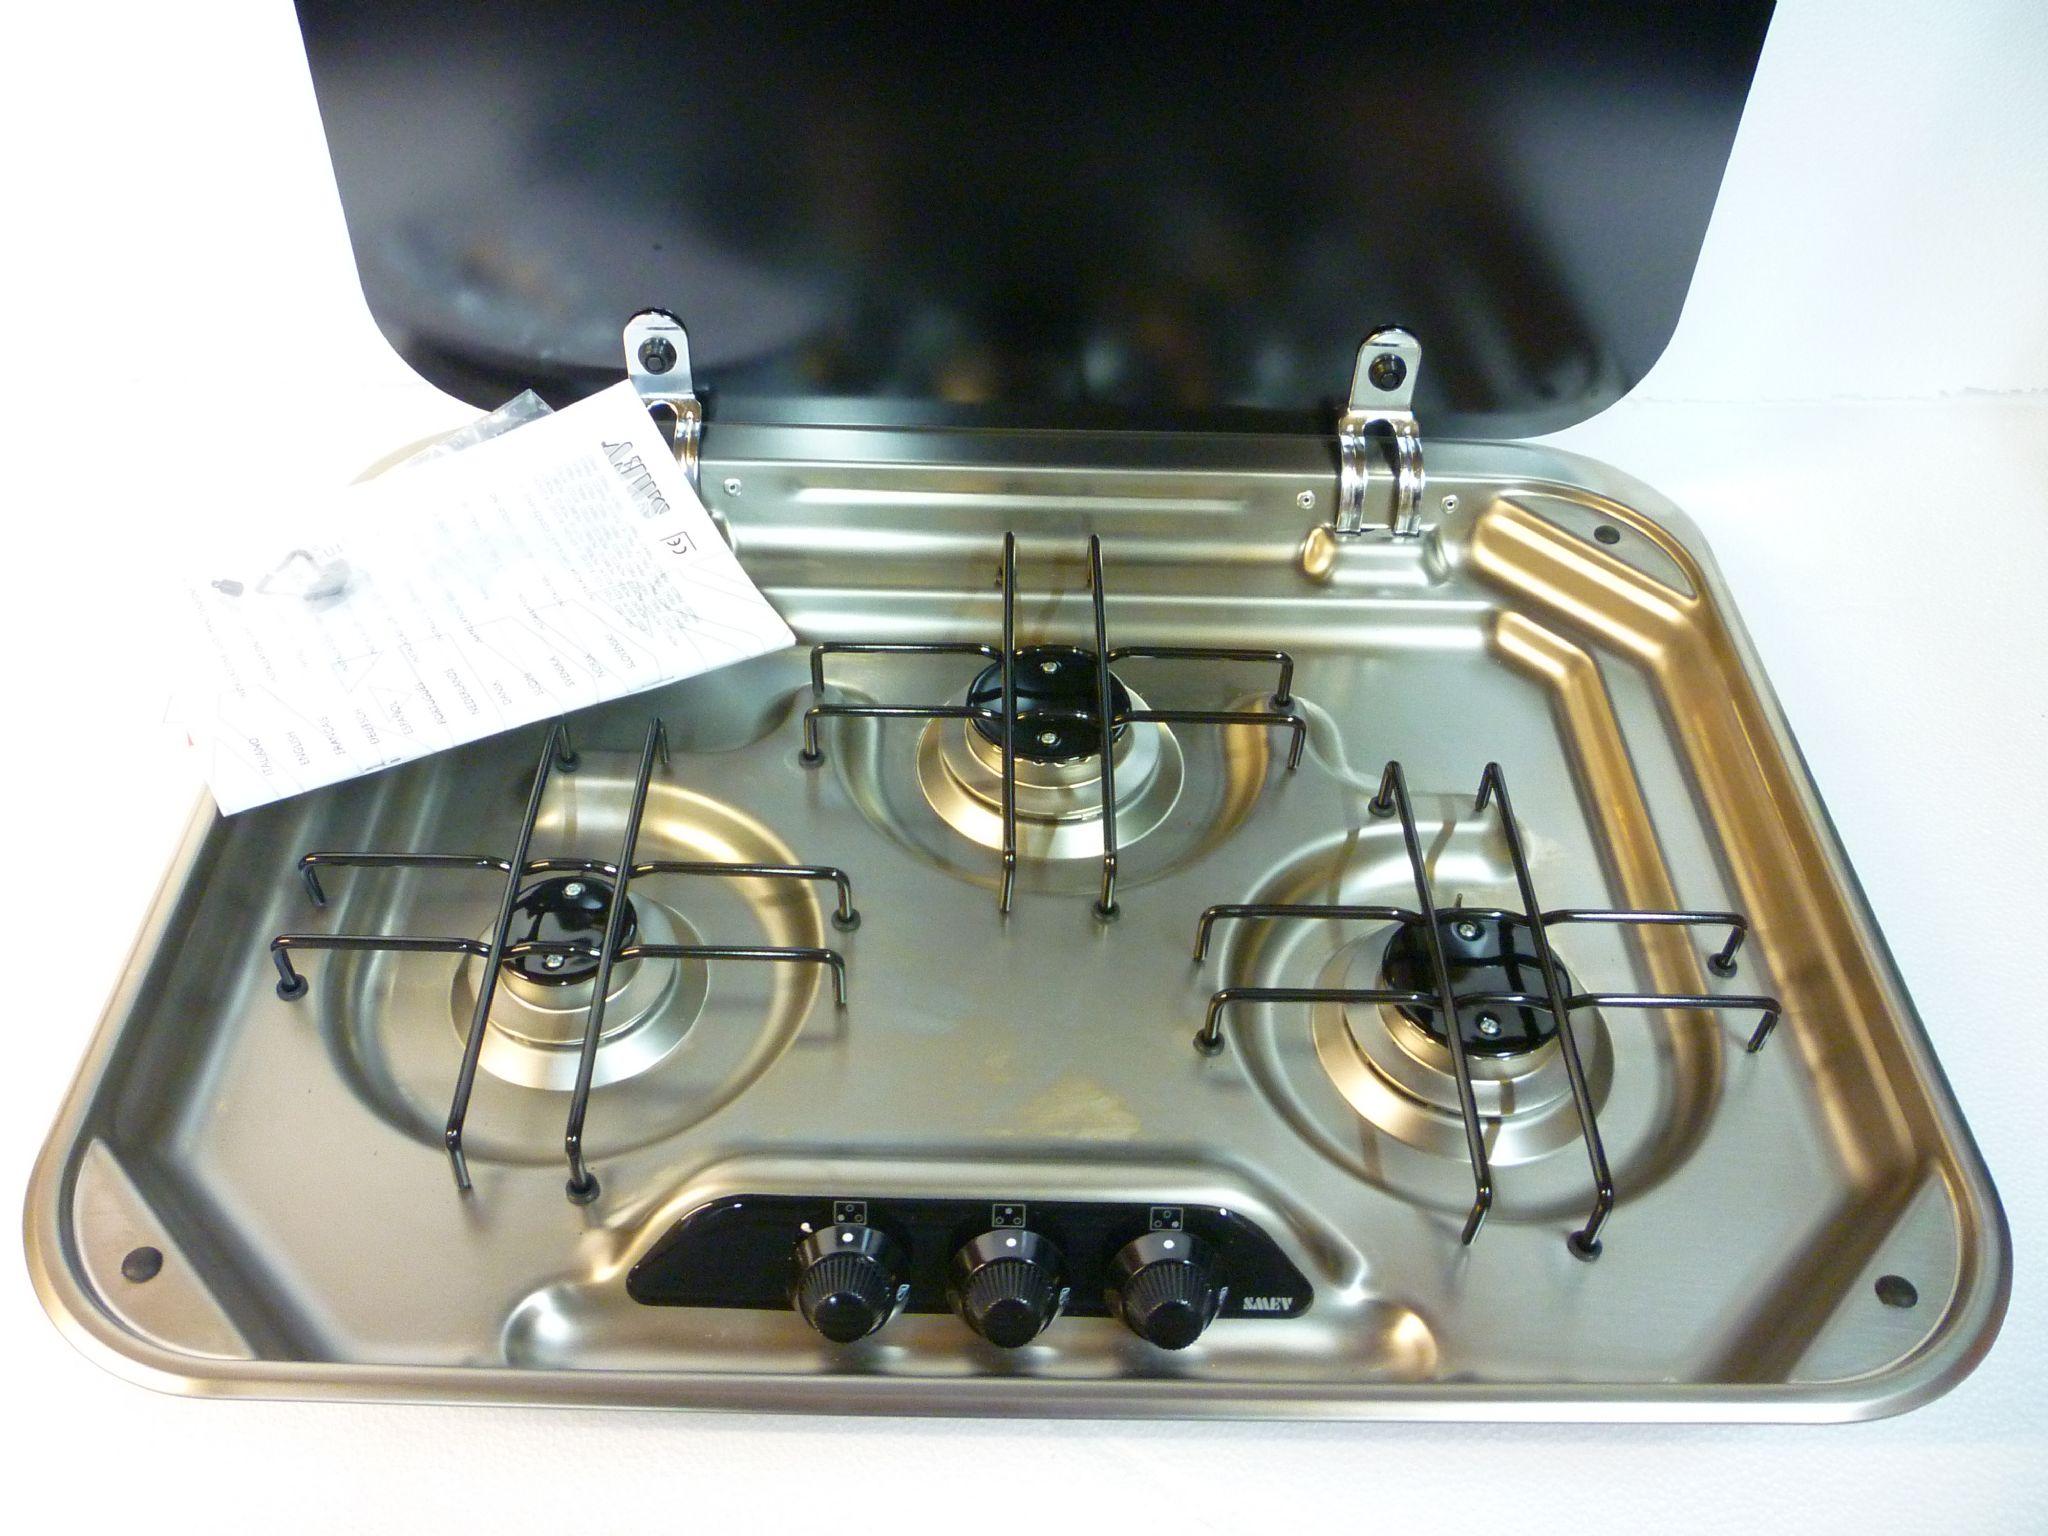 Smev cooker